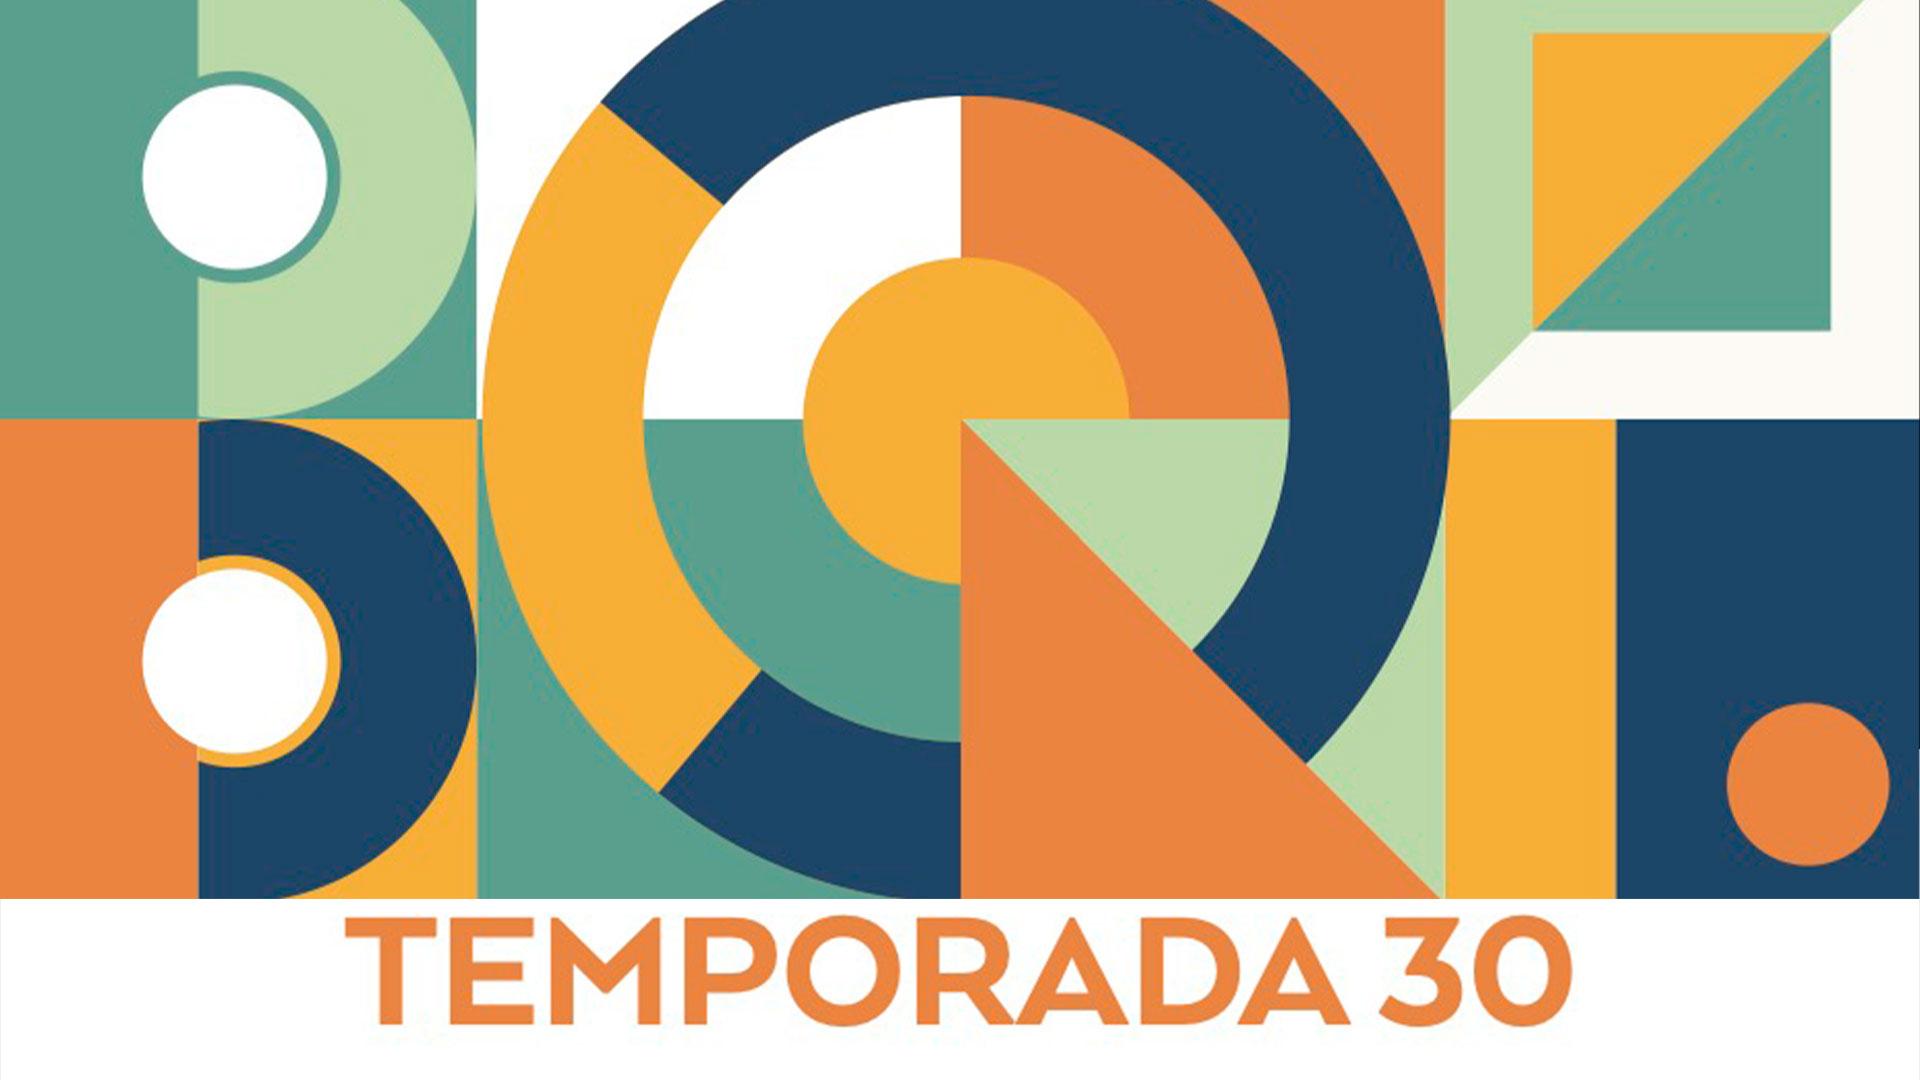 Más de medio centenar de conciertos en la temporada 30 de la OSG